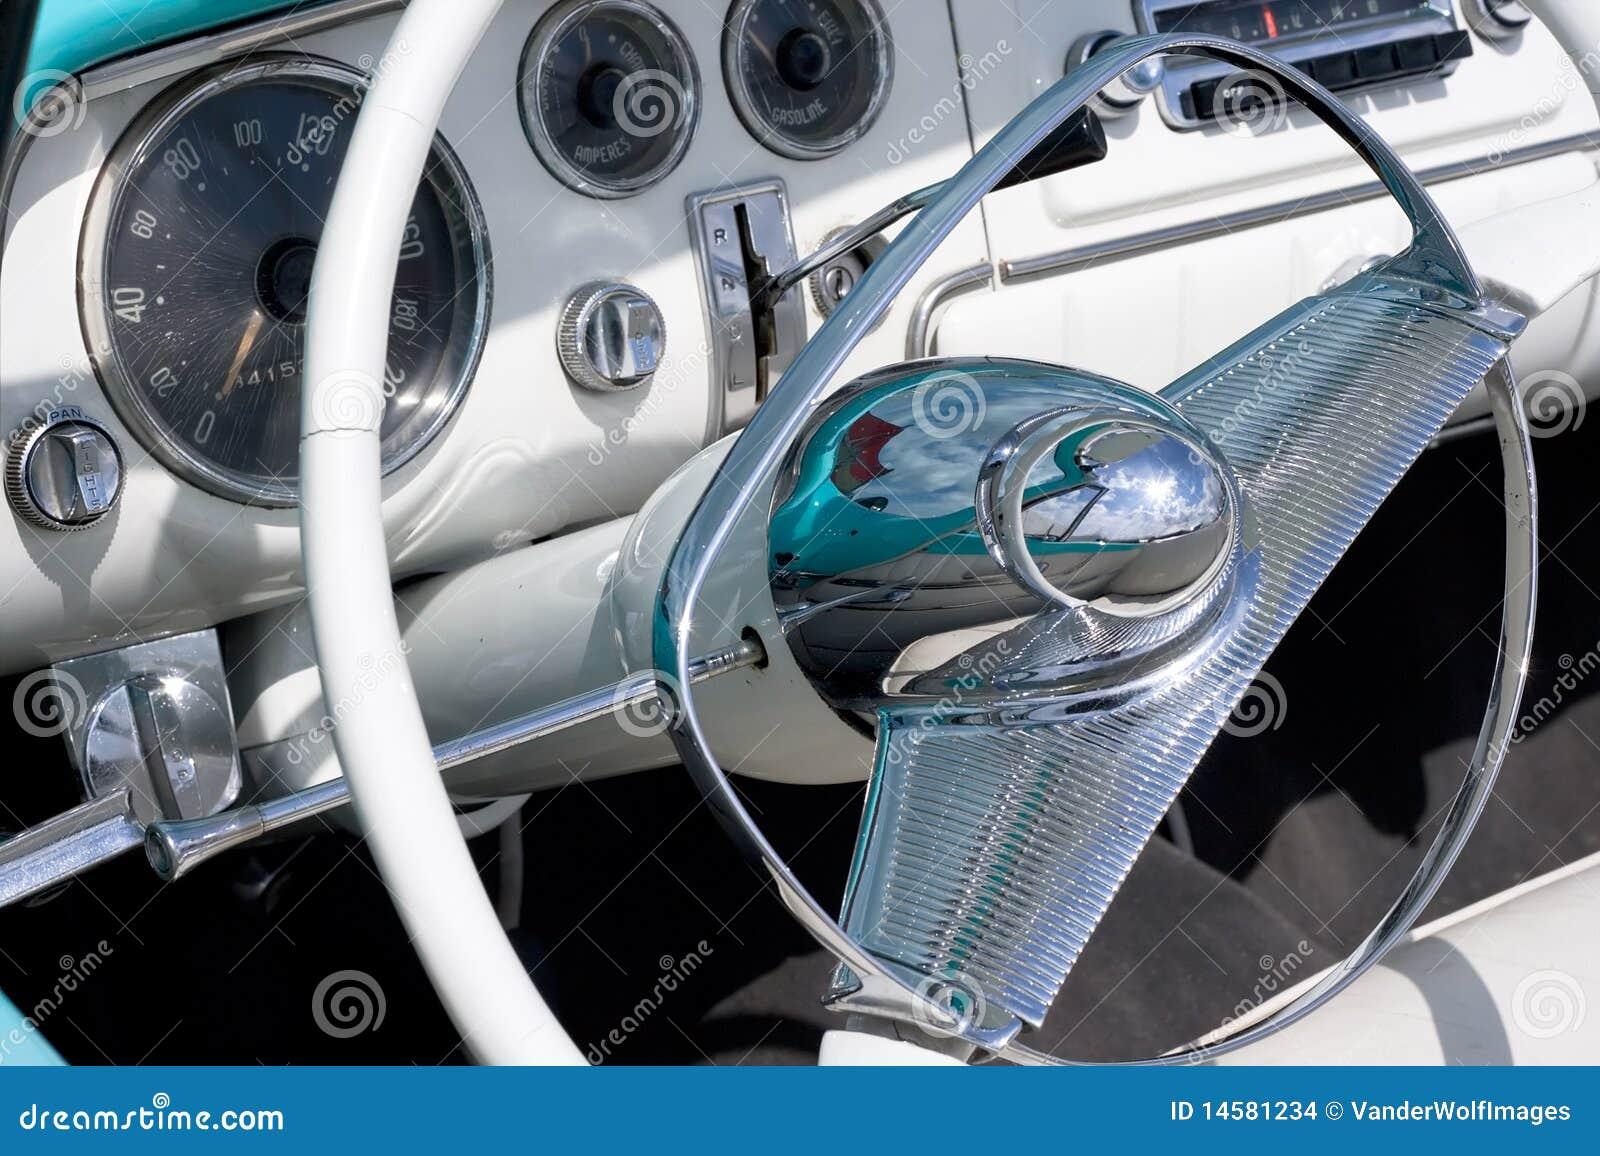 car interior stock images image 14581234. Black Bedroom Furniture Sets. Home Design Ideas